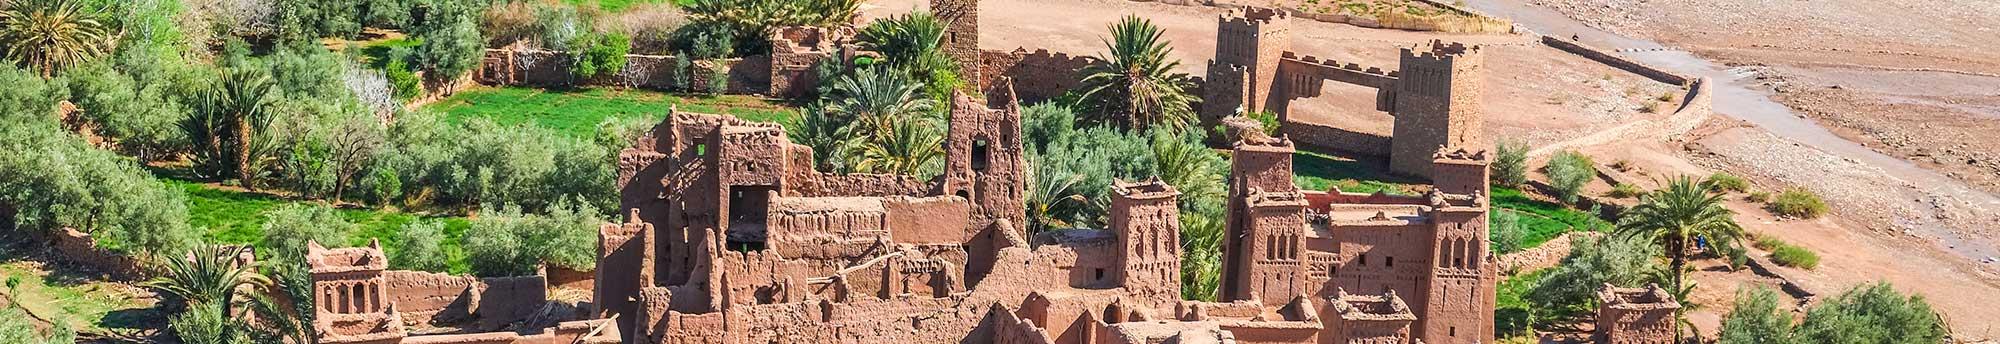 Excursión a Ouarzazate desde Marrakech